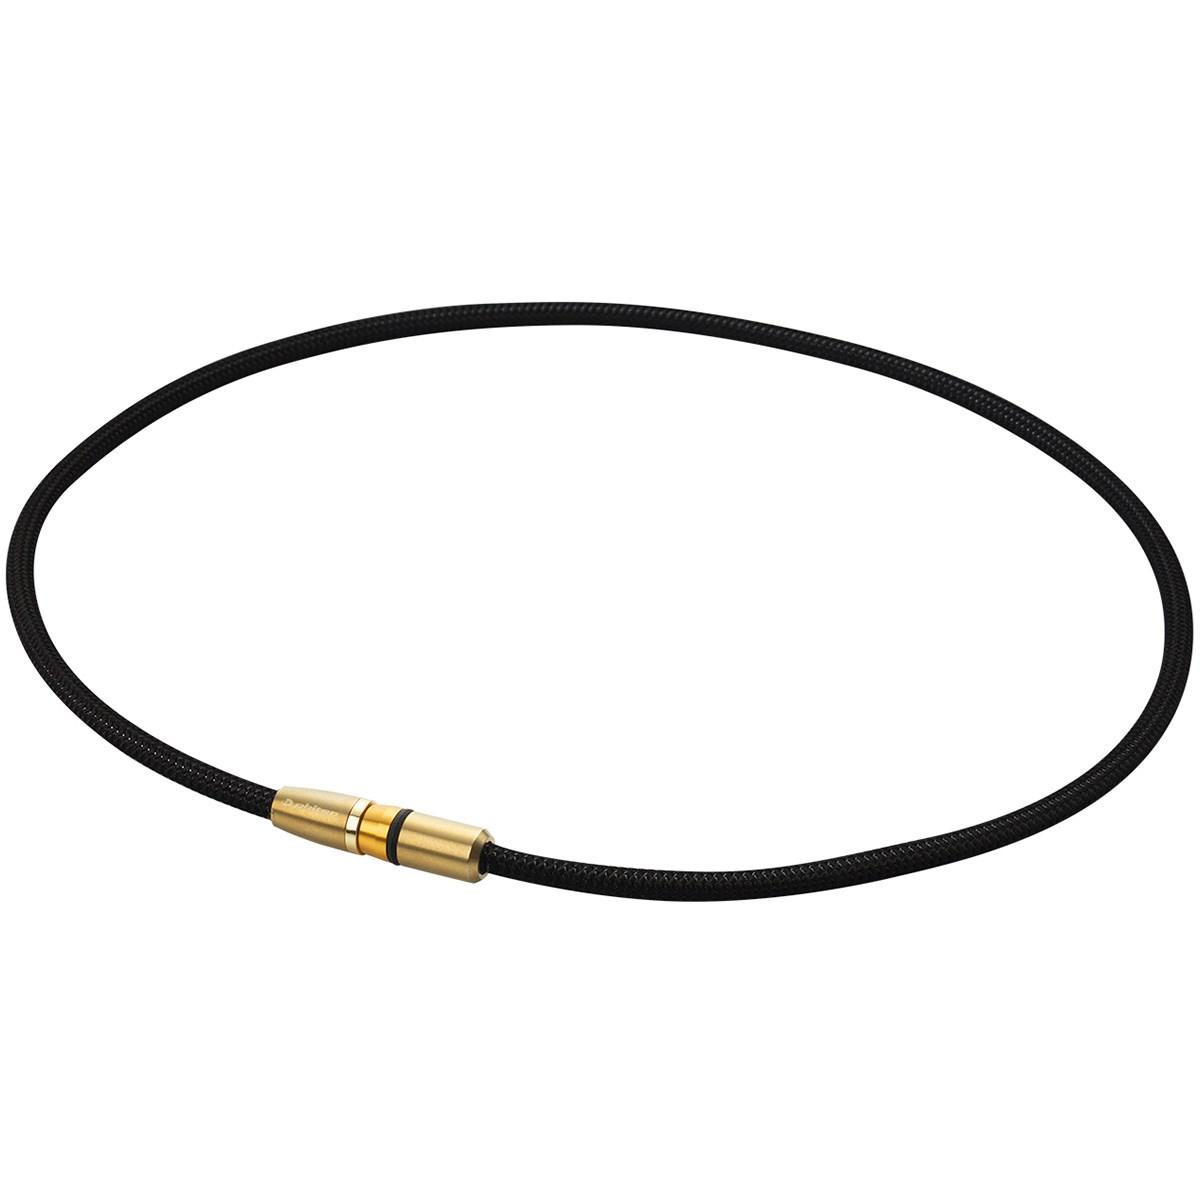 ファイテン phiten RAKUWA磁気チタンネックレス BULLET 50cm ブラック/ゴールド